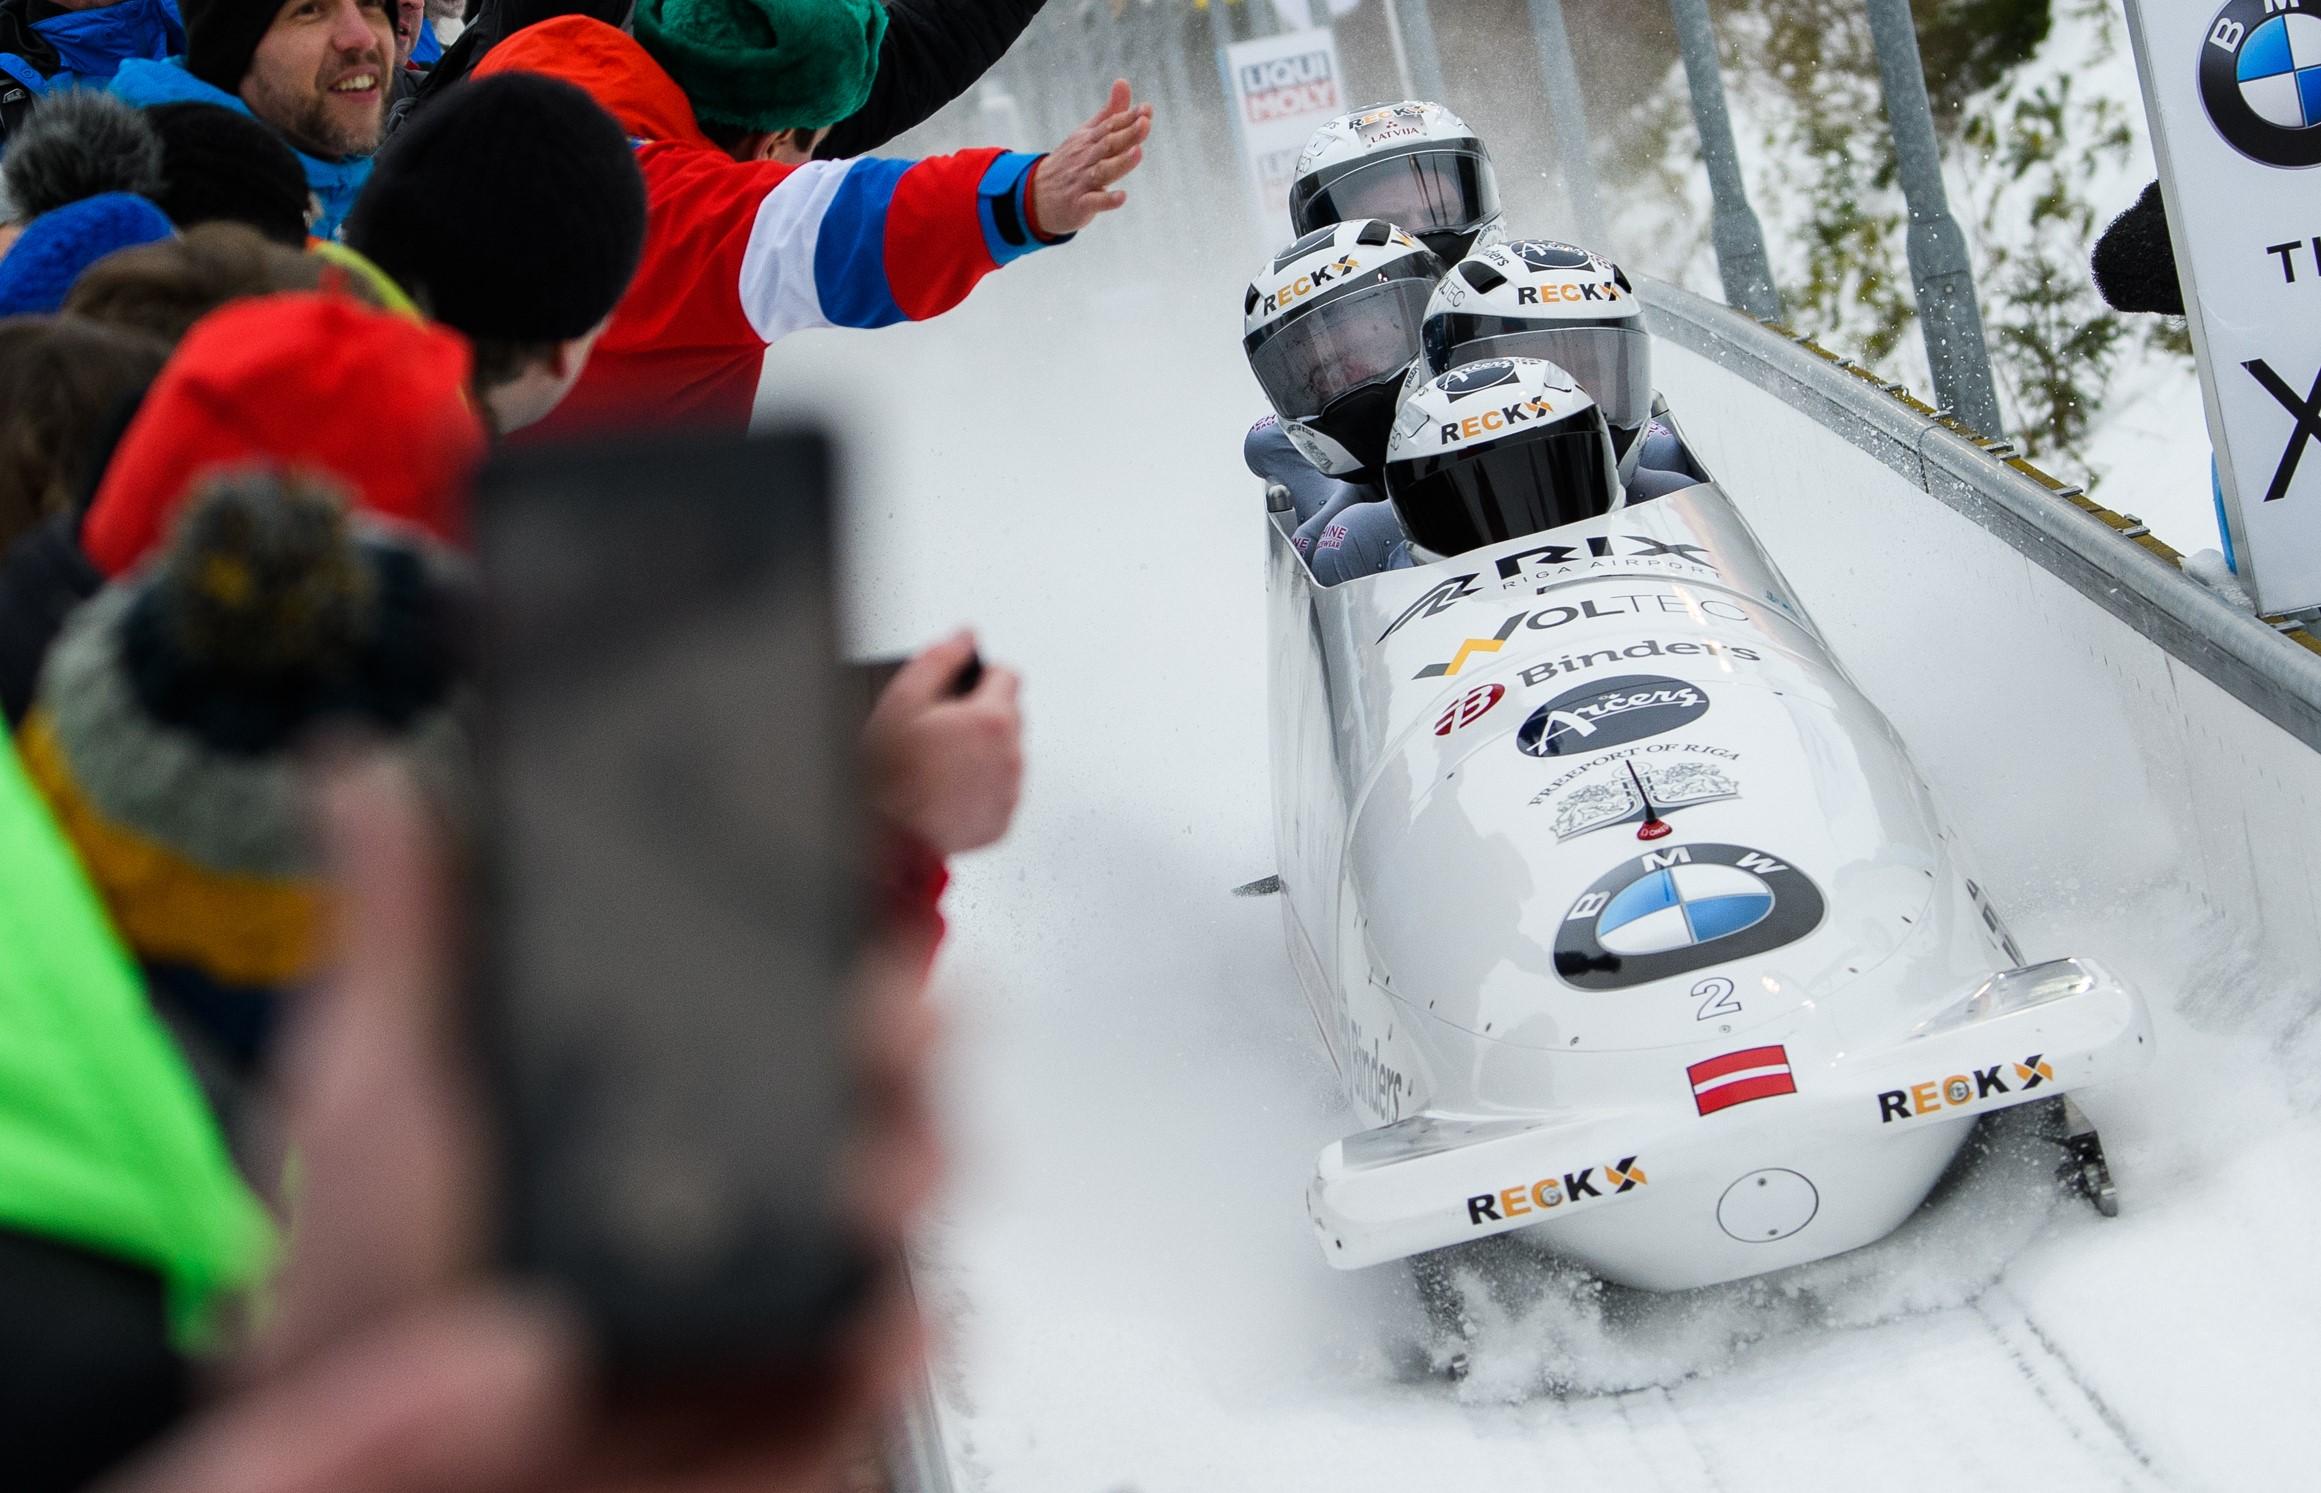 Ķibermaņa četrinieks izcīna 4.vietu Pasaules čempionātā